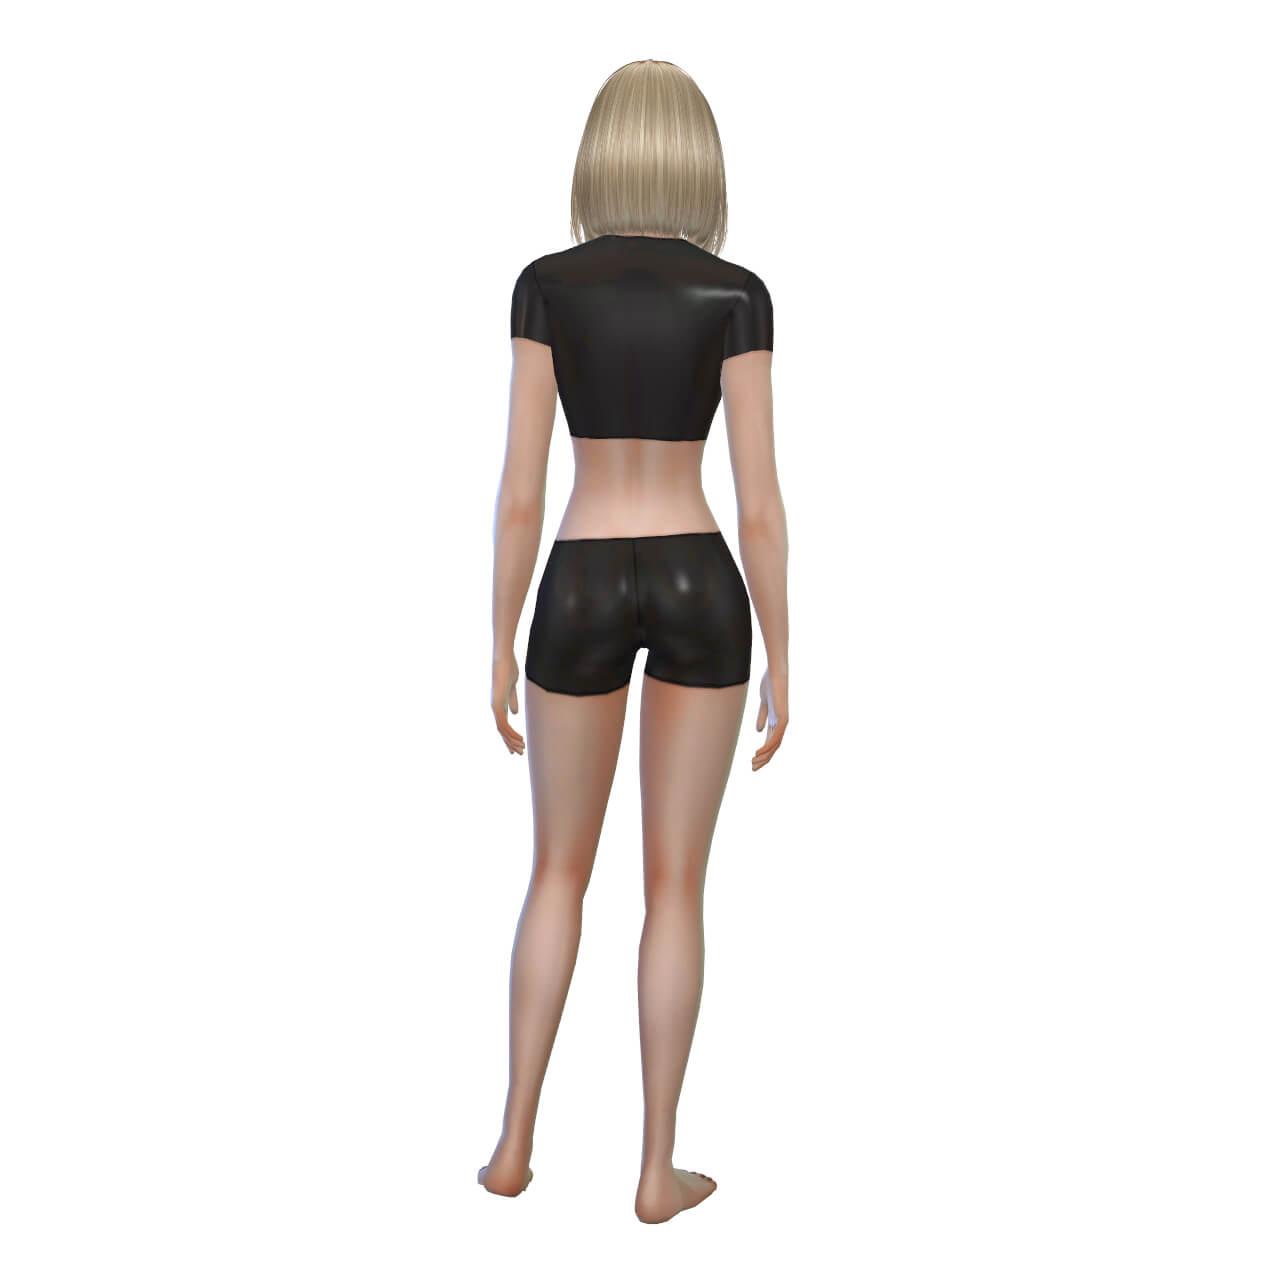 Latex Shorts and CropTop